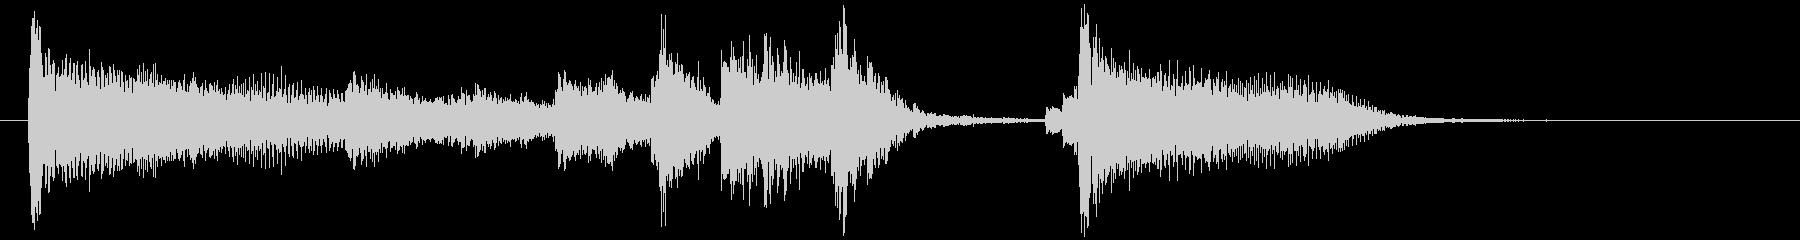 場面転換などにジャズジングル(12)の未再生の波形